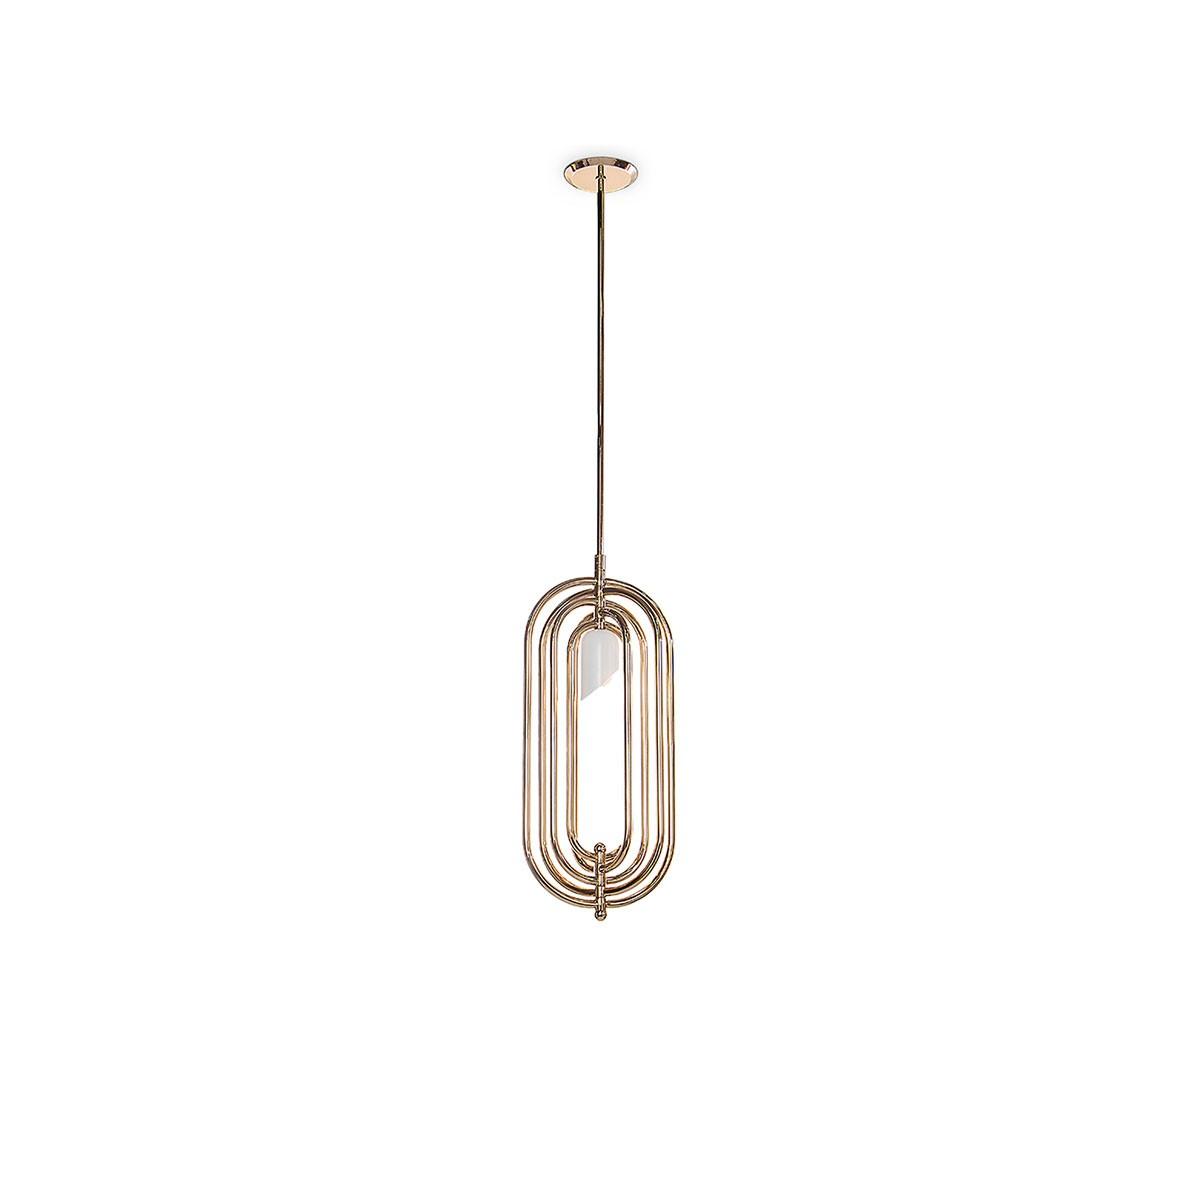 TURNER SUSPENSION LAMP